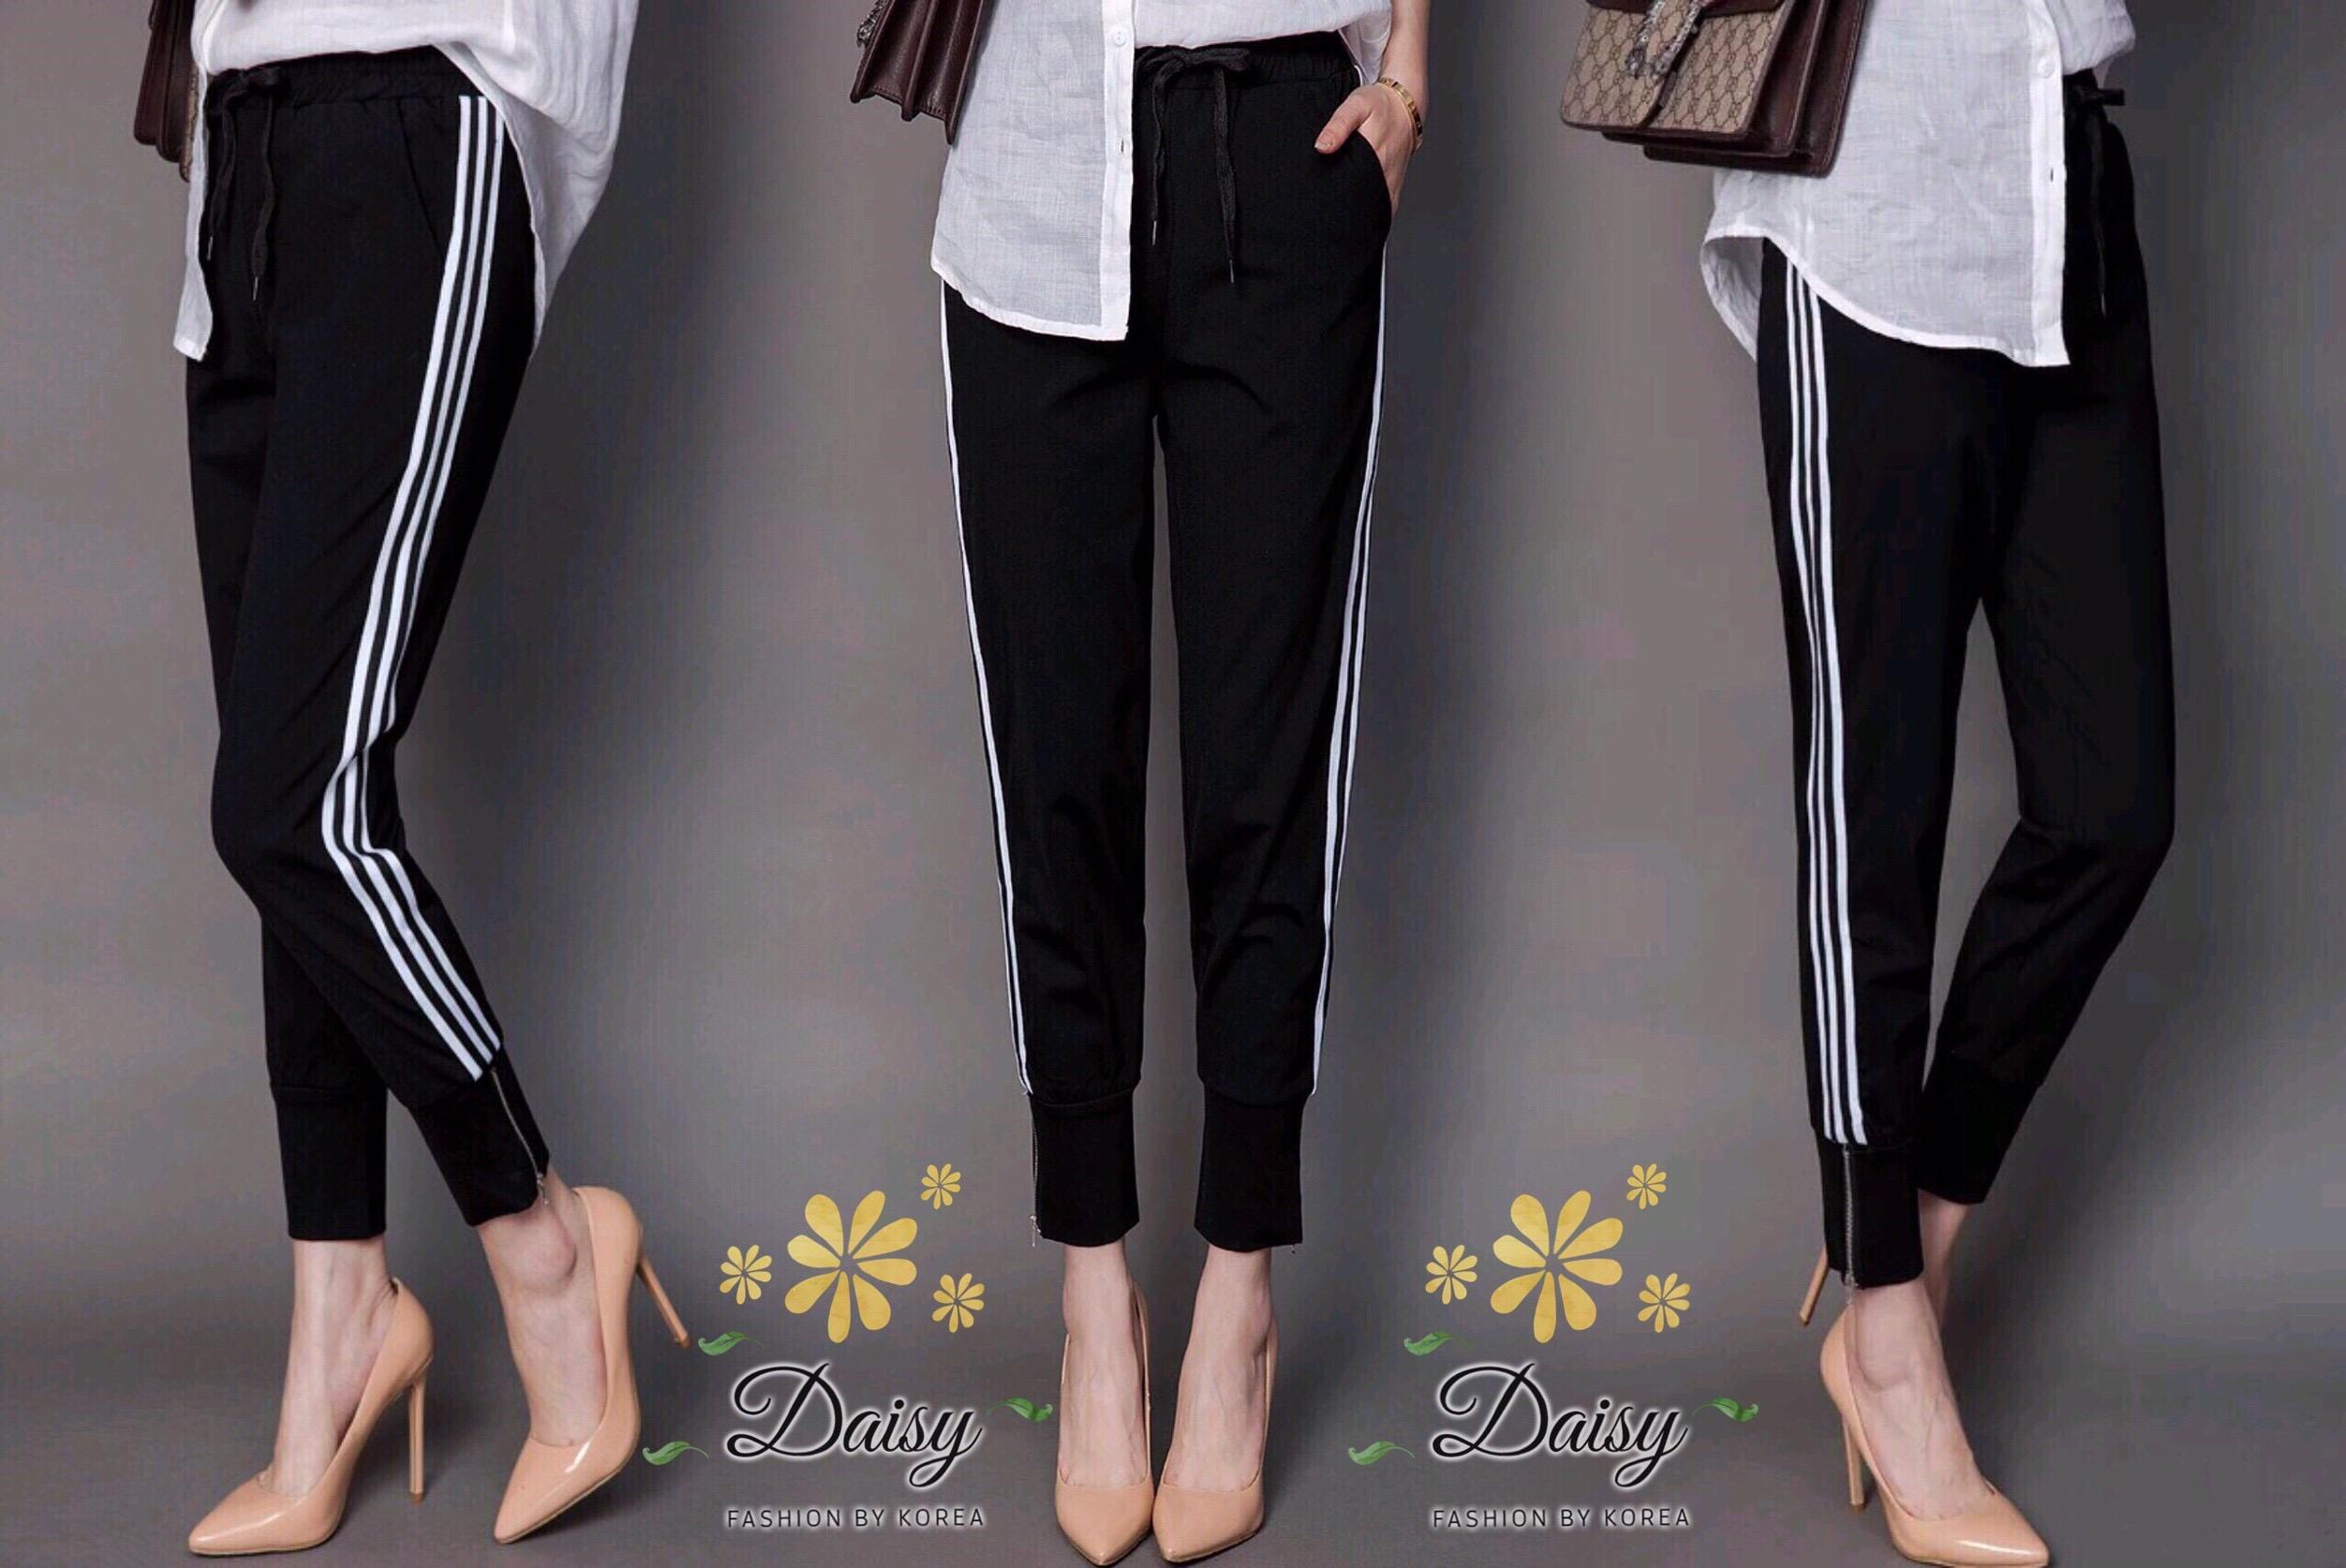 กางเกงสีดำแบบแถบข้าง เอวยางยืด ผ้าหนานิ่มอย่างดีค่ะ ปลายขาแบบจ้ำ ใส่แมทกับเสื้อยืดน่ารักค่ะ ผ้าไม่แนบตัวไม่อ้วนค่ะ มาหลายไซส์ให้เลือกค่ะ